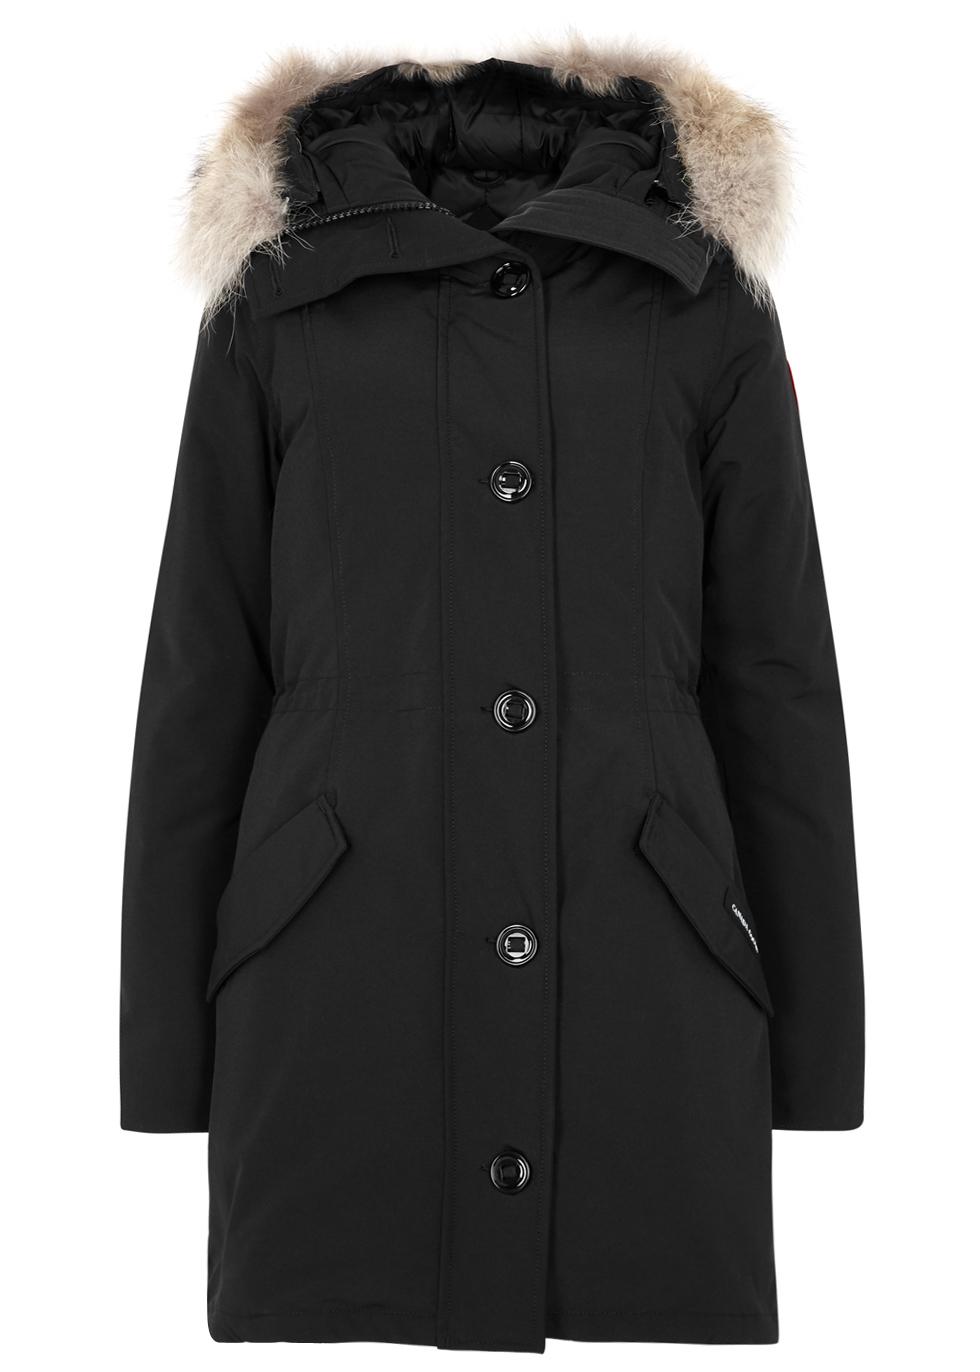 Rossclair black fur-trimmed parka - Canada Goose